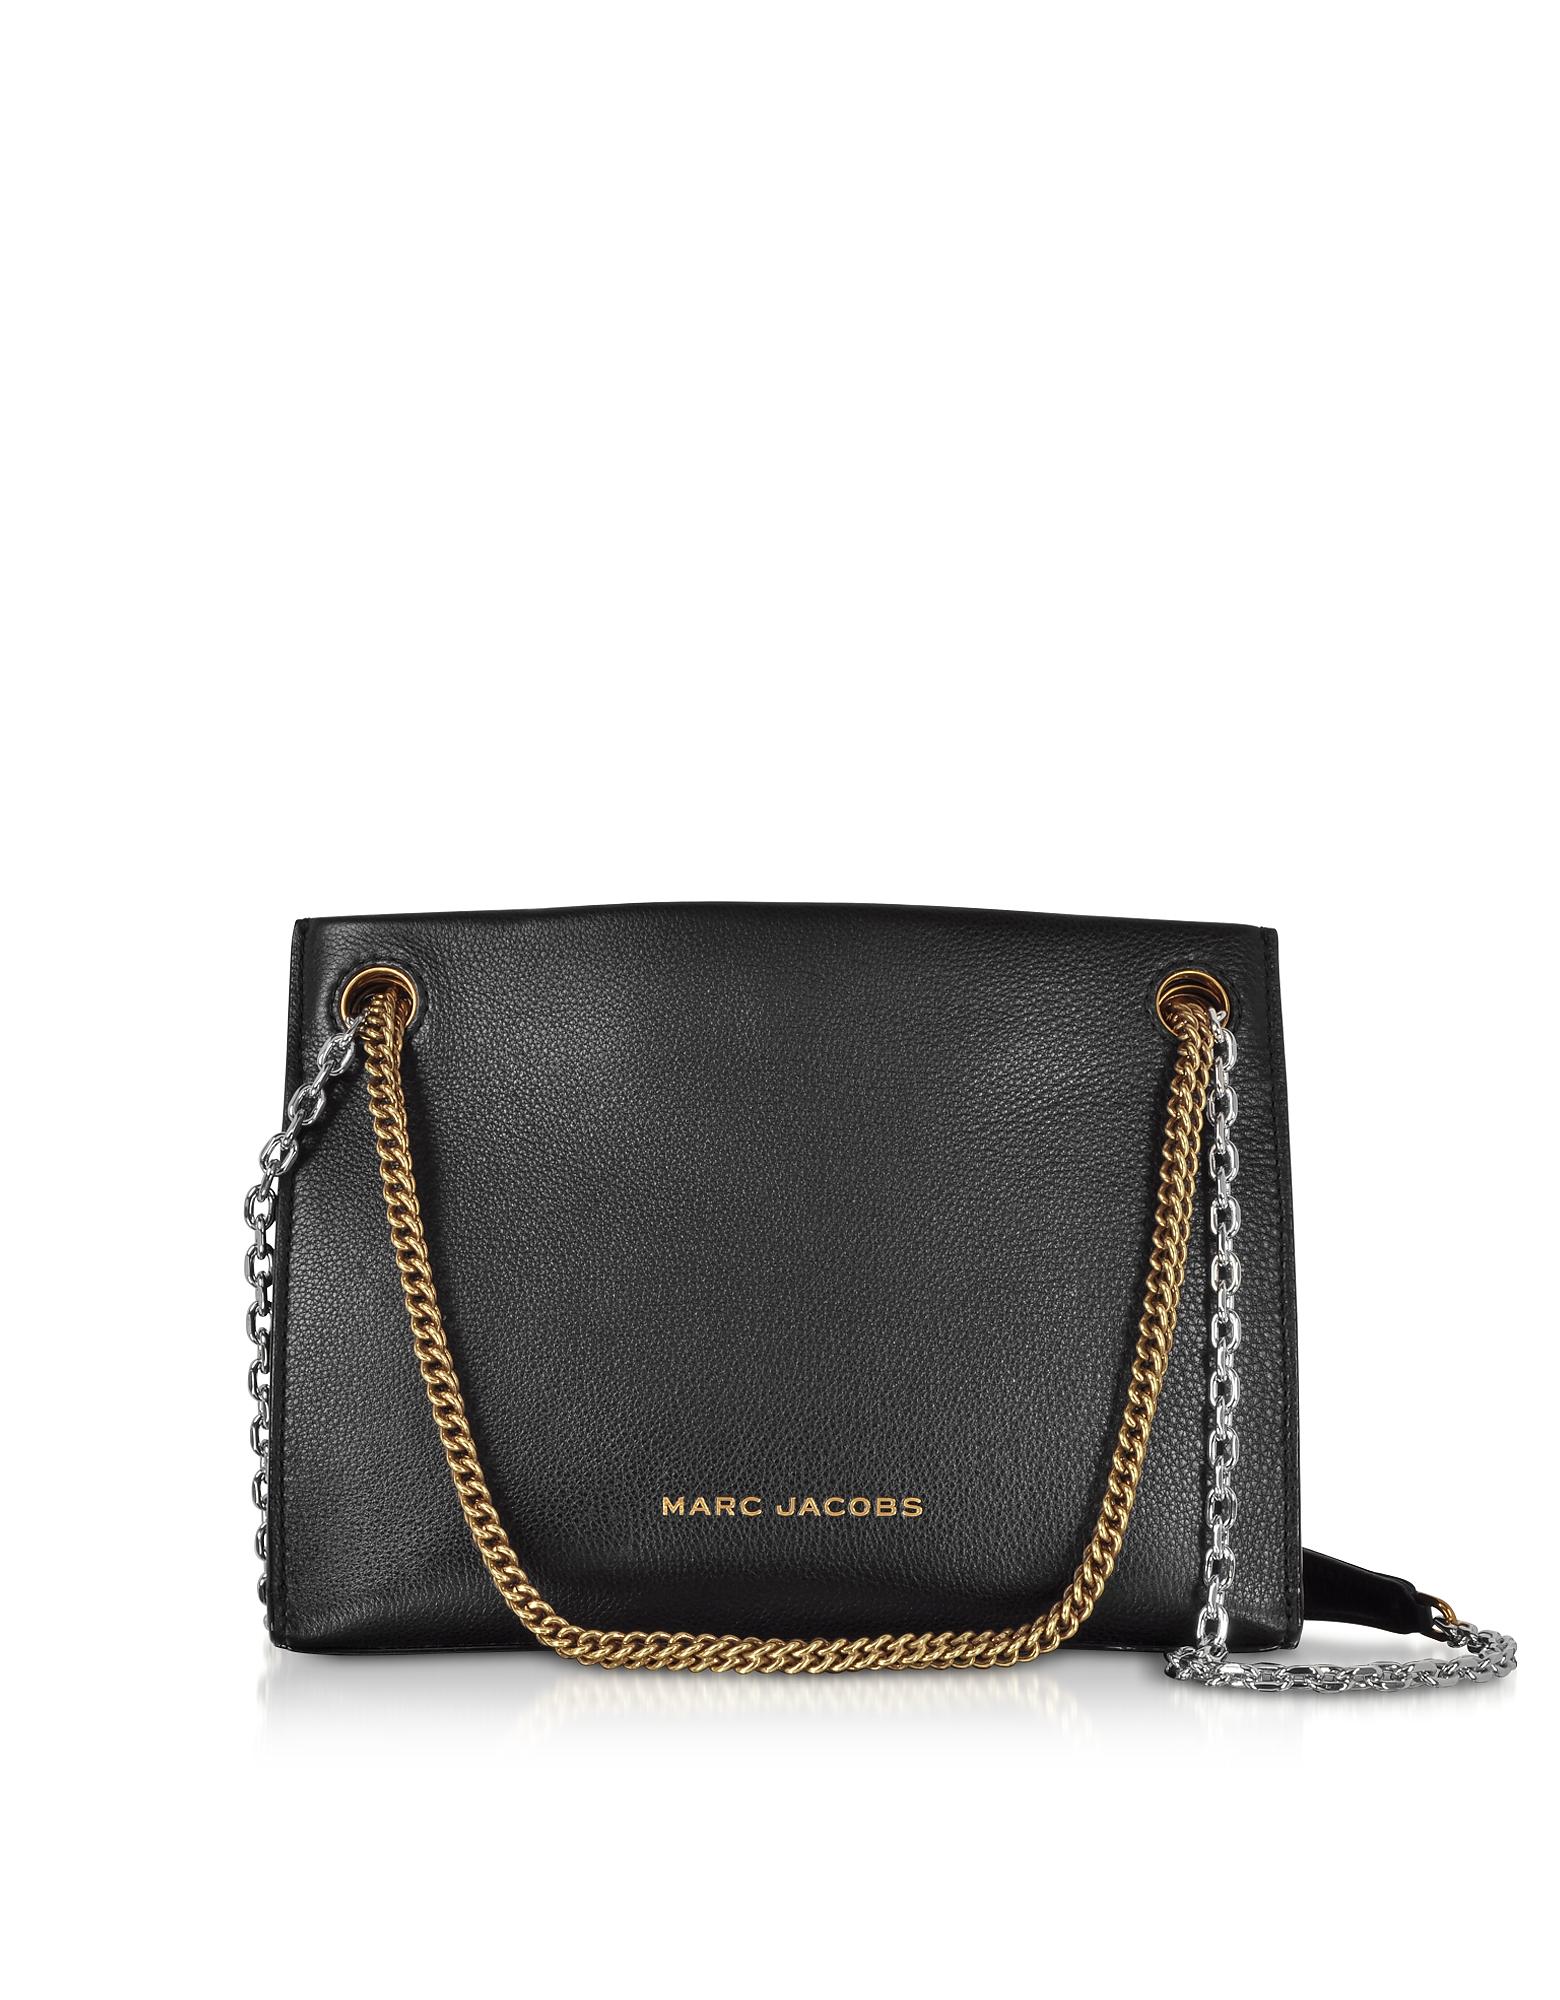 Double Link 27 Leather Shoulder Bag